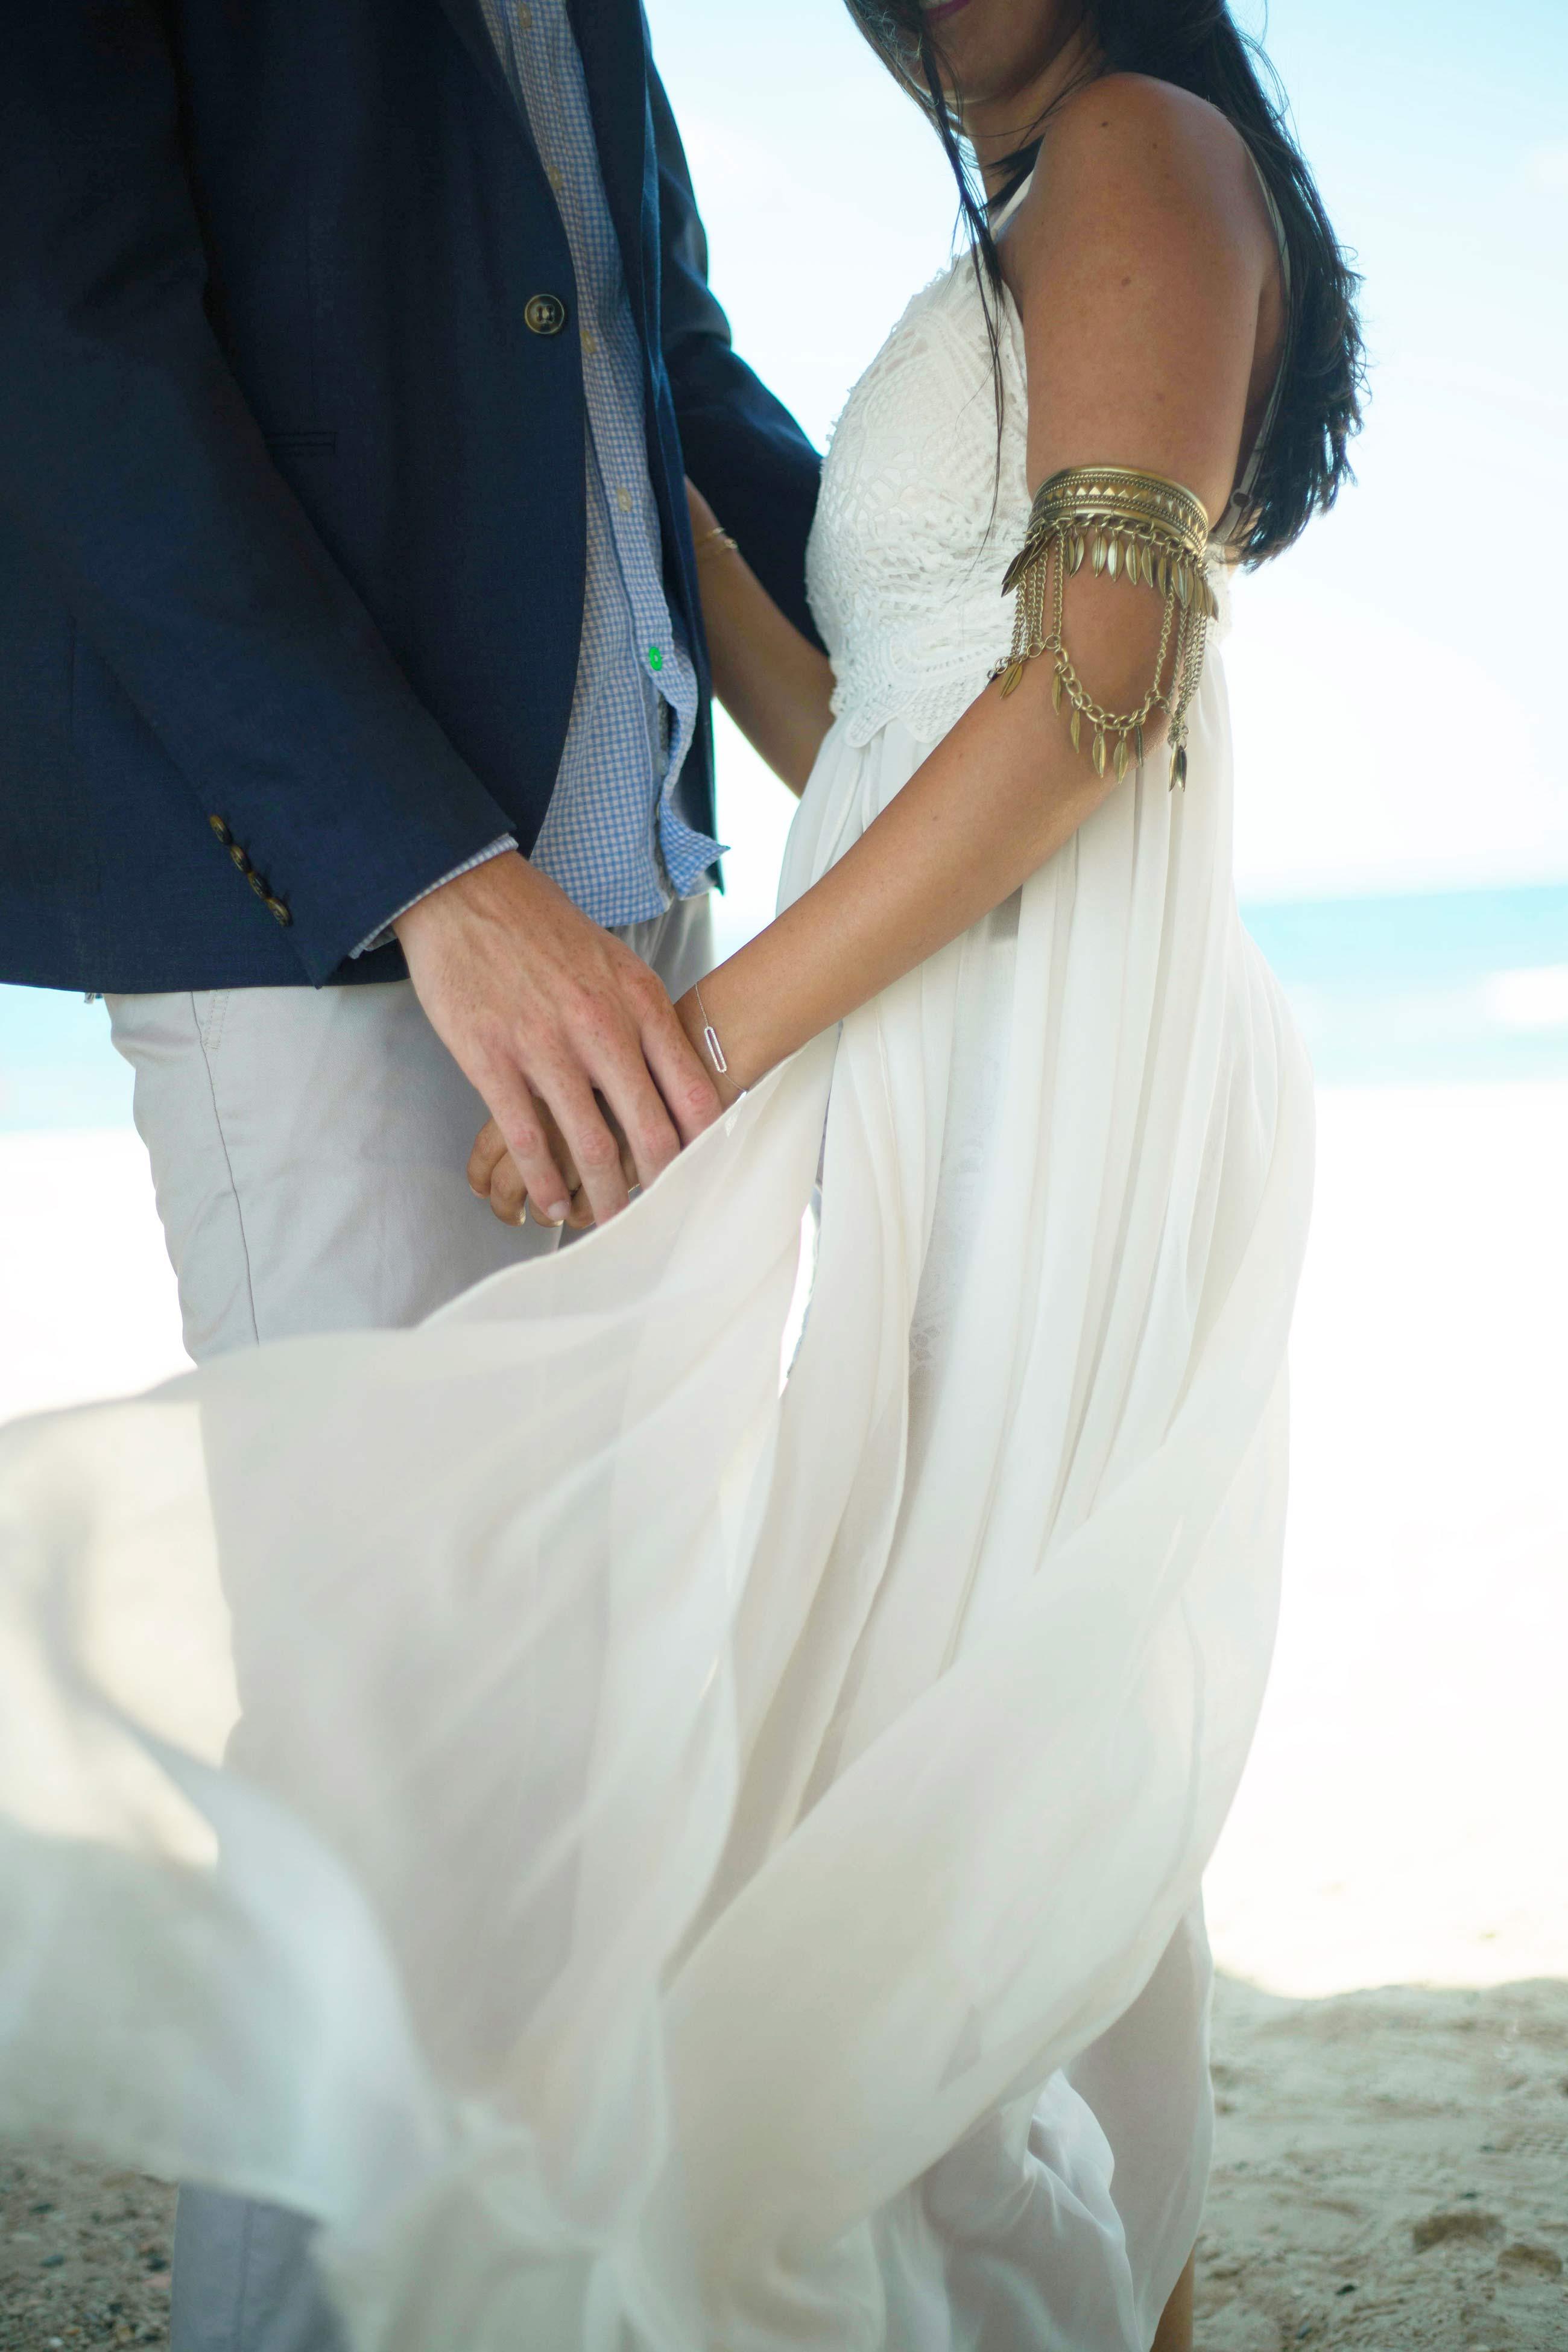 lea-jeremie-mariage-tel-aviv-israel-photographe-paris-video7